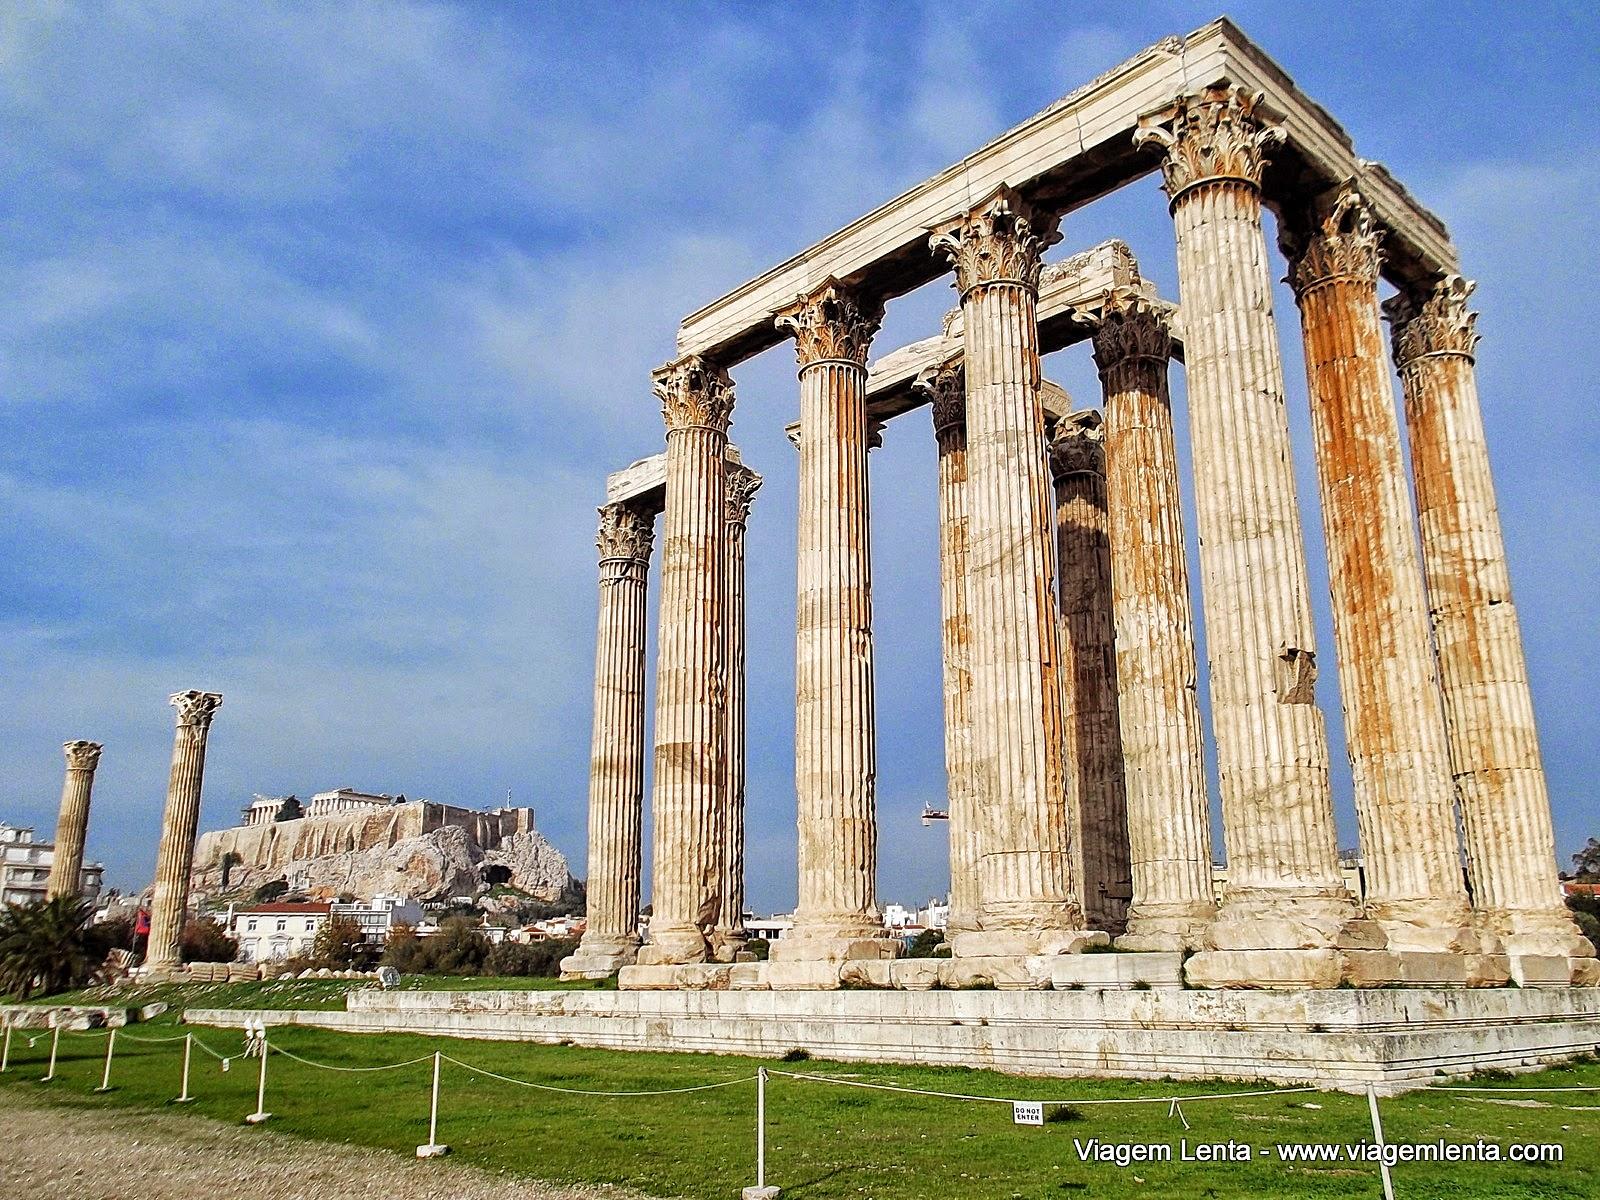 Viagem à cidade de Atenas, na Grécia